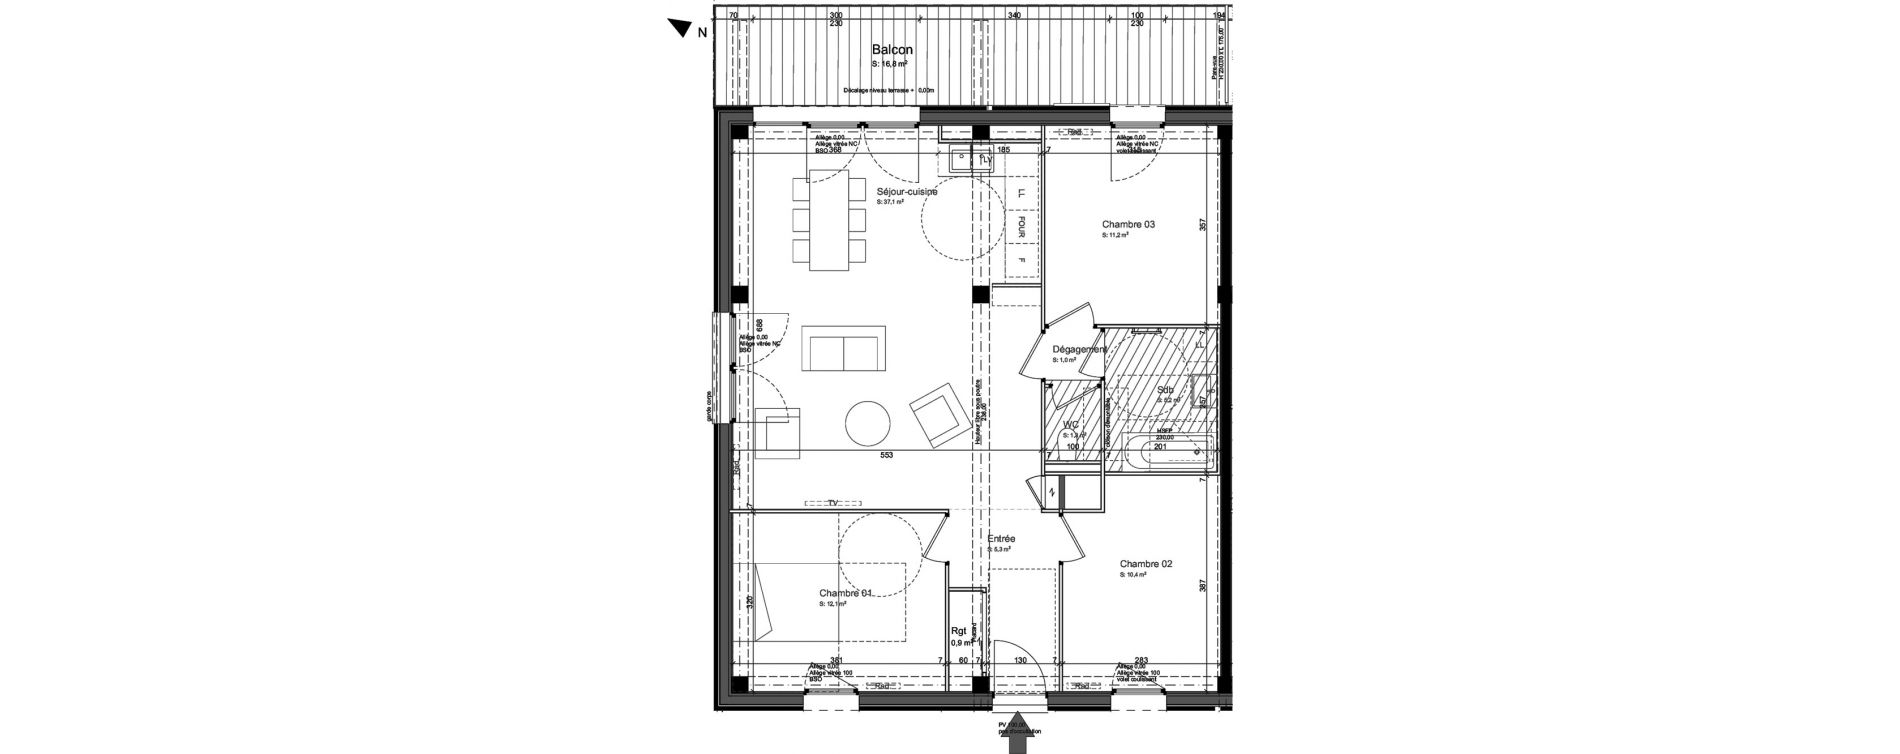 Appartement T4 de 86,20 m2 à Nancy Grand coeur